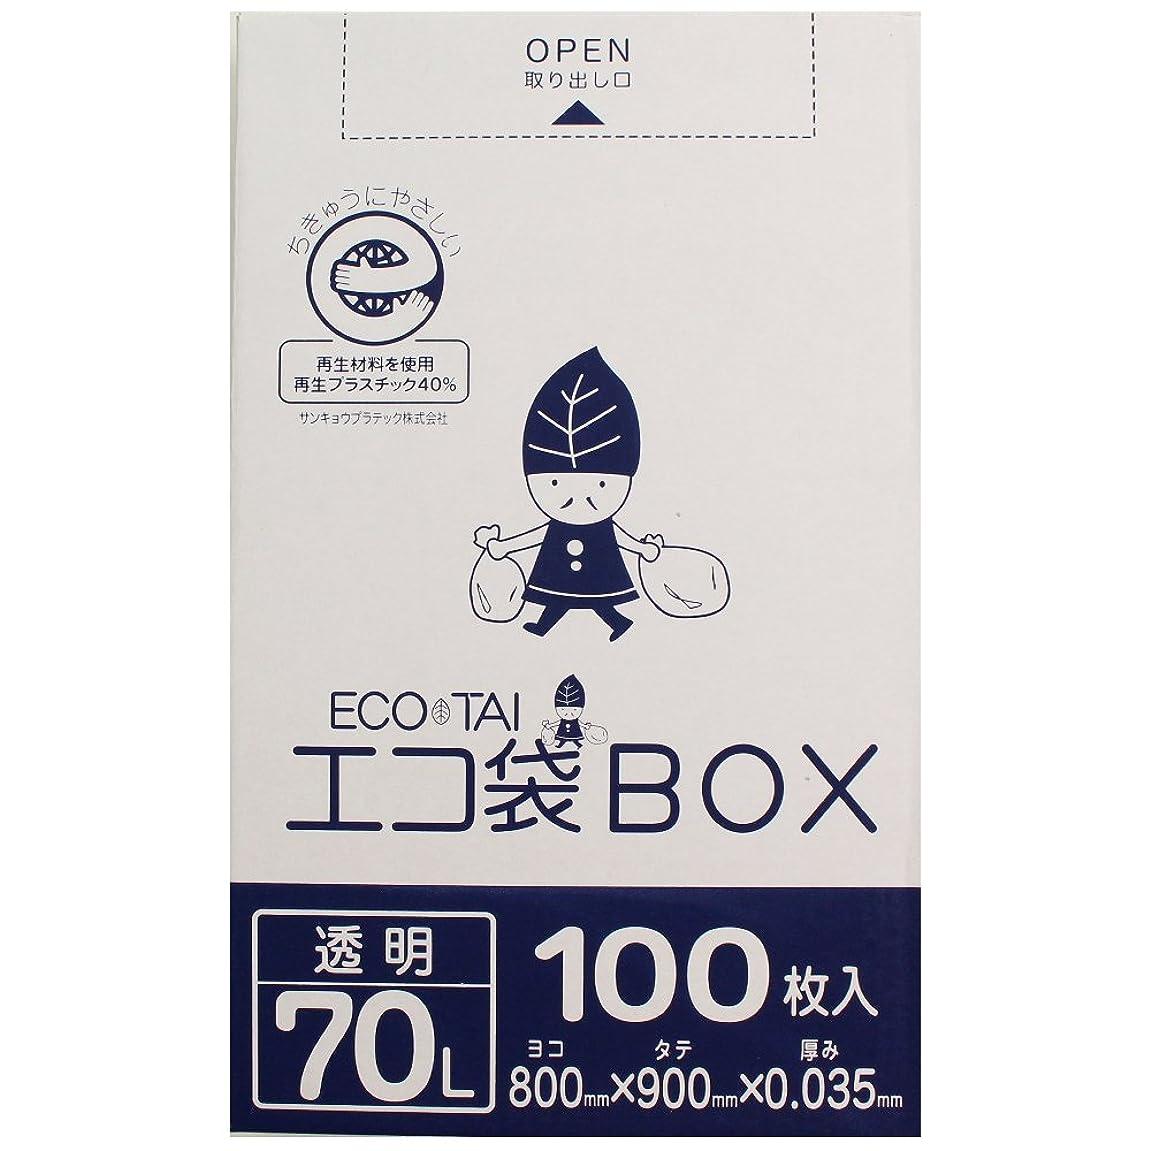 管理者ウィンクイライラするポリ袋 ごみ袋 70L 透明 0.035mm厚 100枚 ボックスタイプ Bedwin Mart